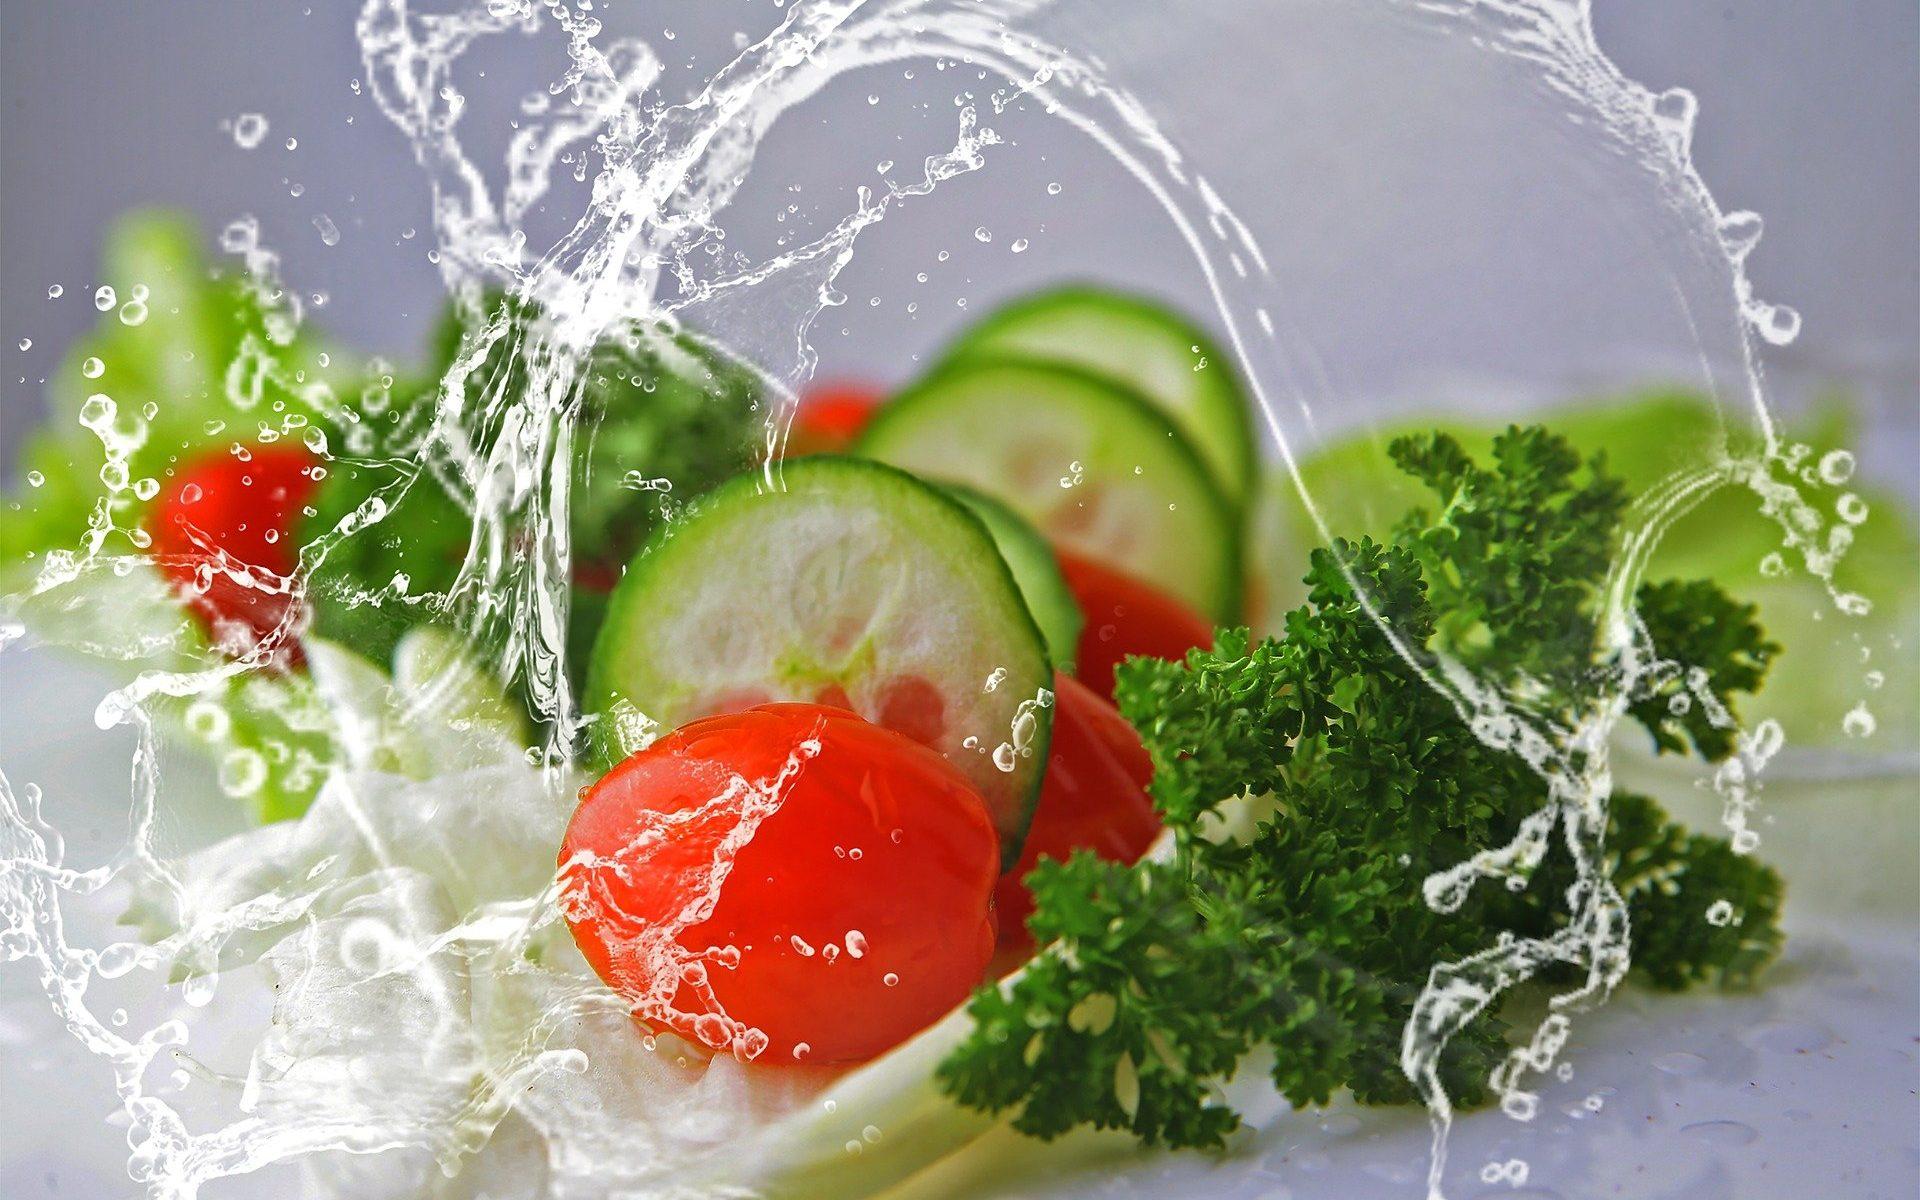 gesunde-lebensmittel-mit-wassertropfen